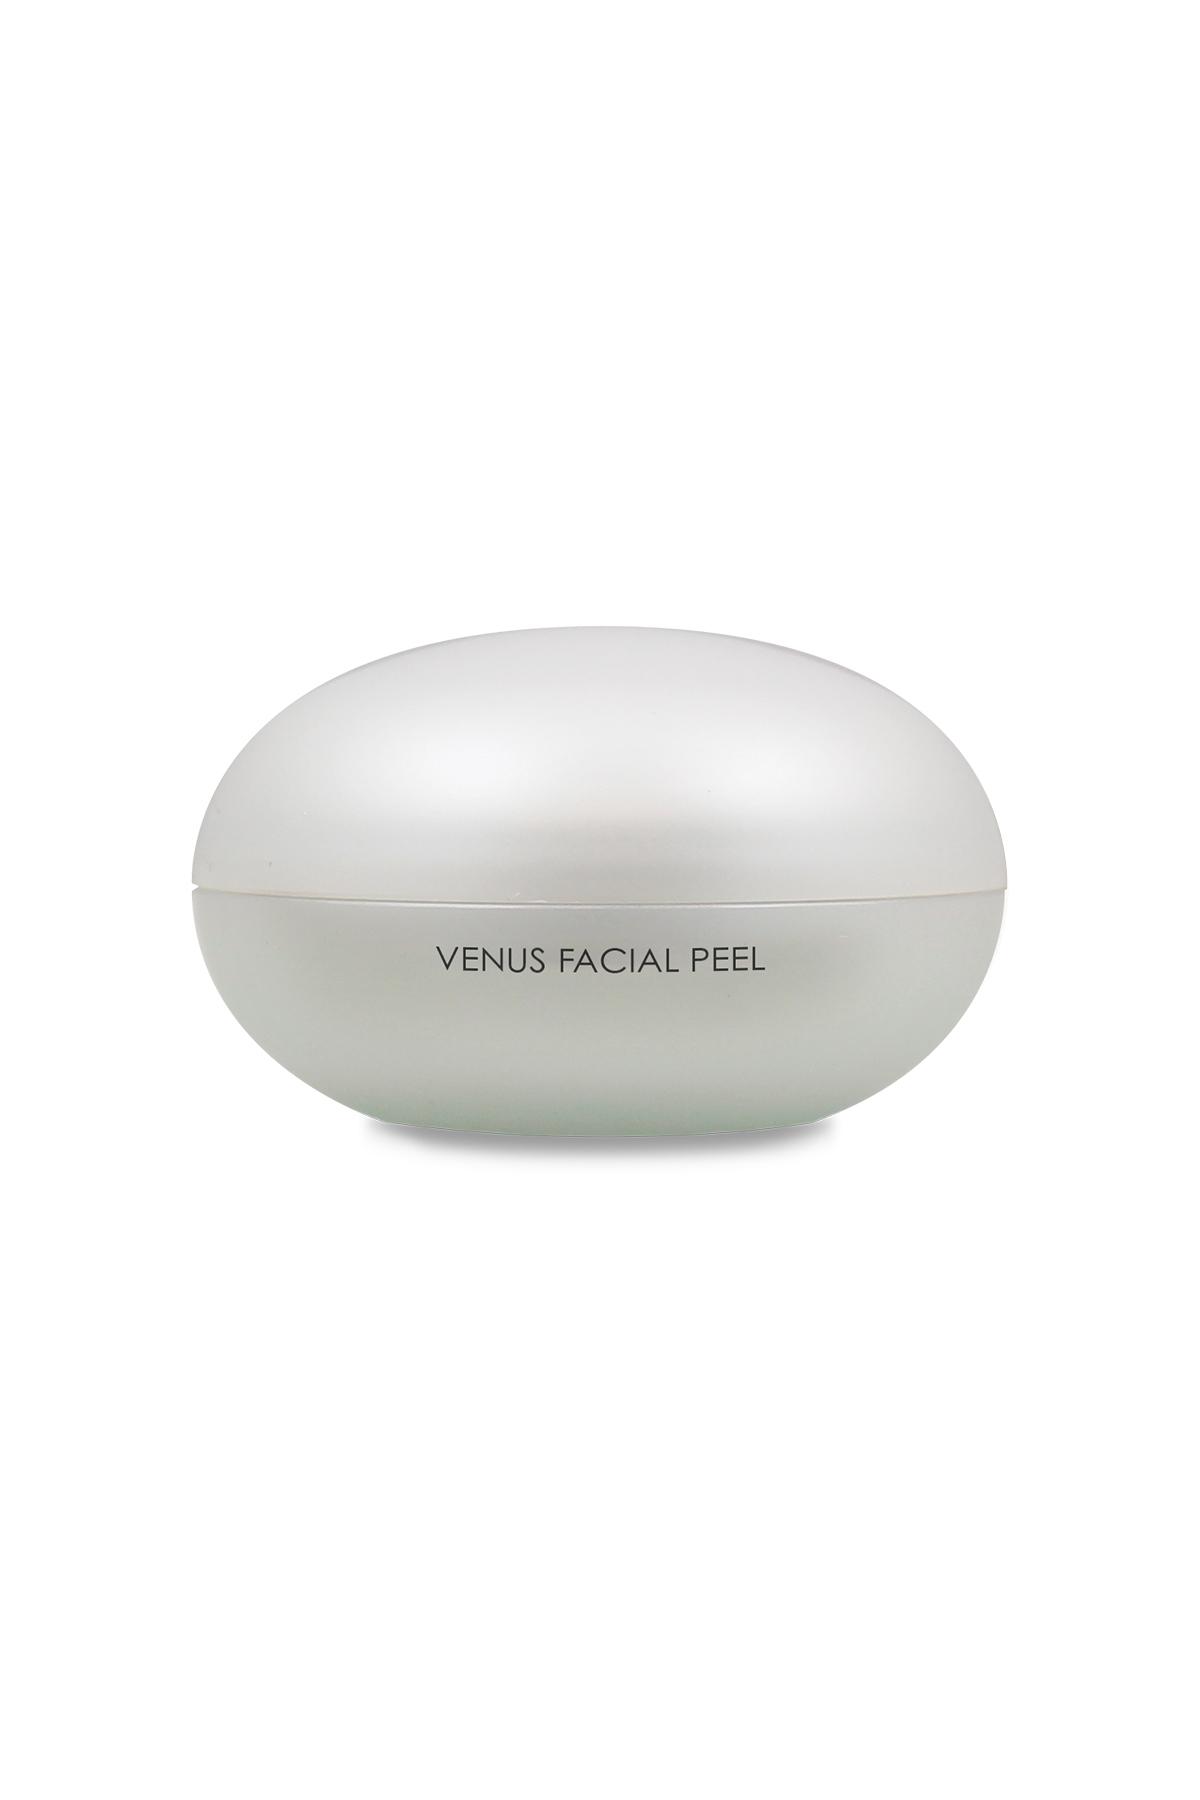 Celestolite Venus Facial Peel